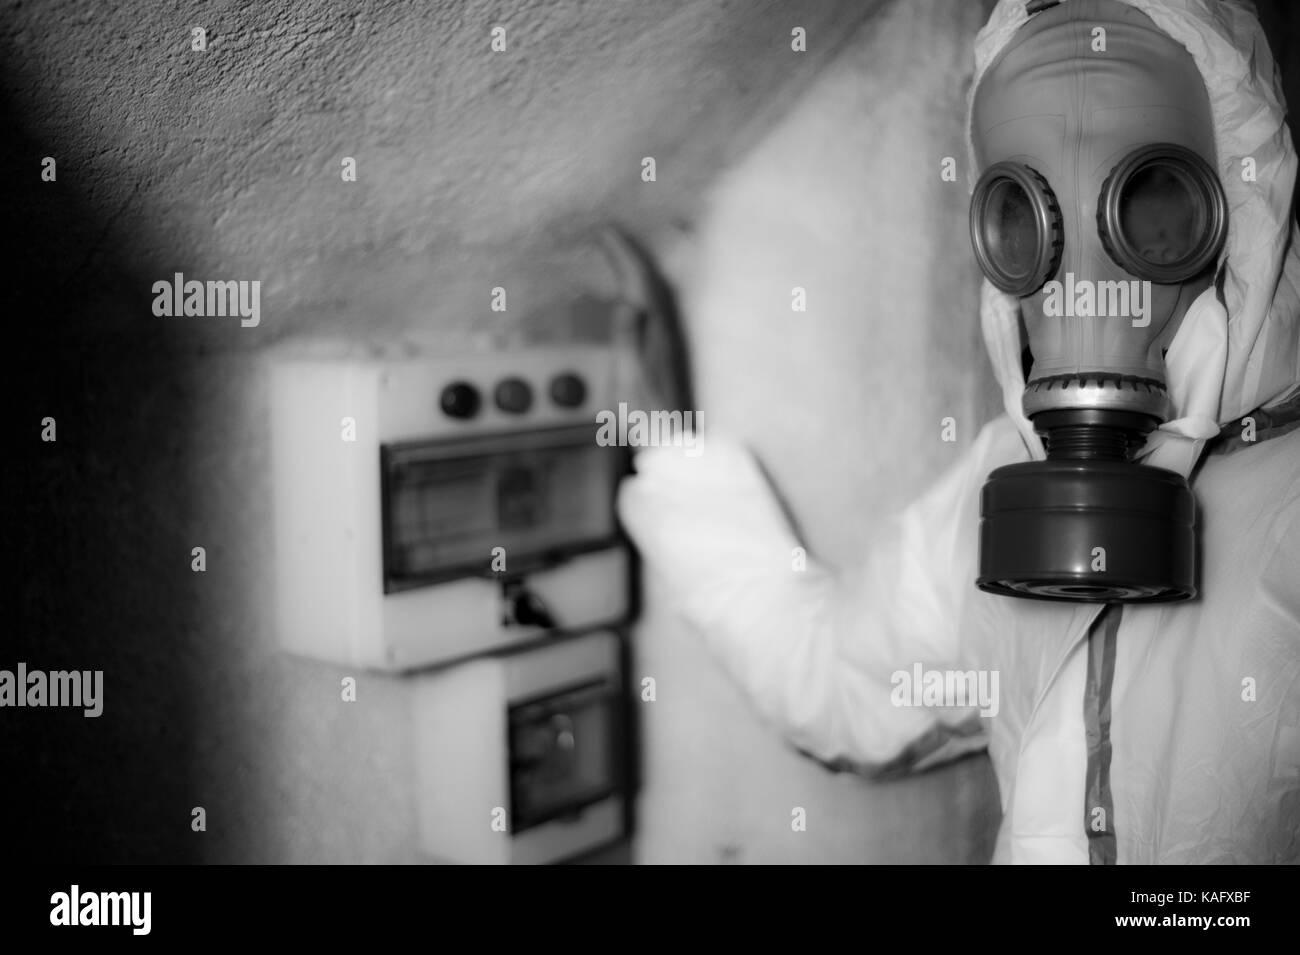 Homme AVEC UN MASQUE À GAZ ET DU GAZ - LA PREUVE RISQUE CHIMIQUE - CONTRÔLE DES GAZ FAIT EN DANGER - GAZ - TECHNICIEN Banque D'Images